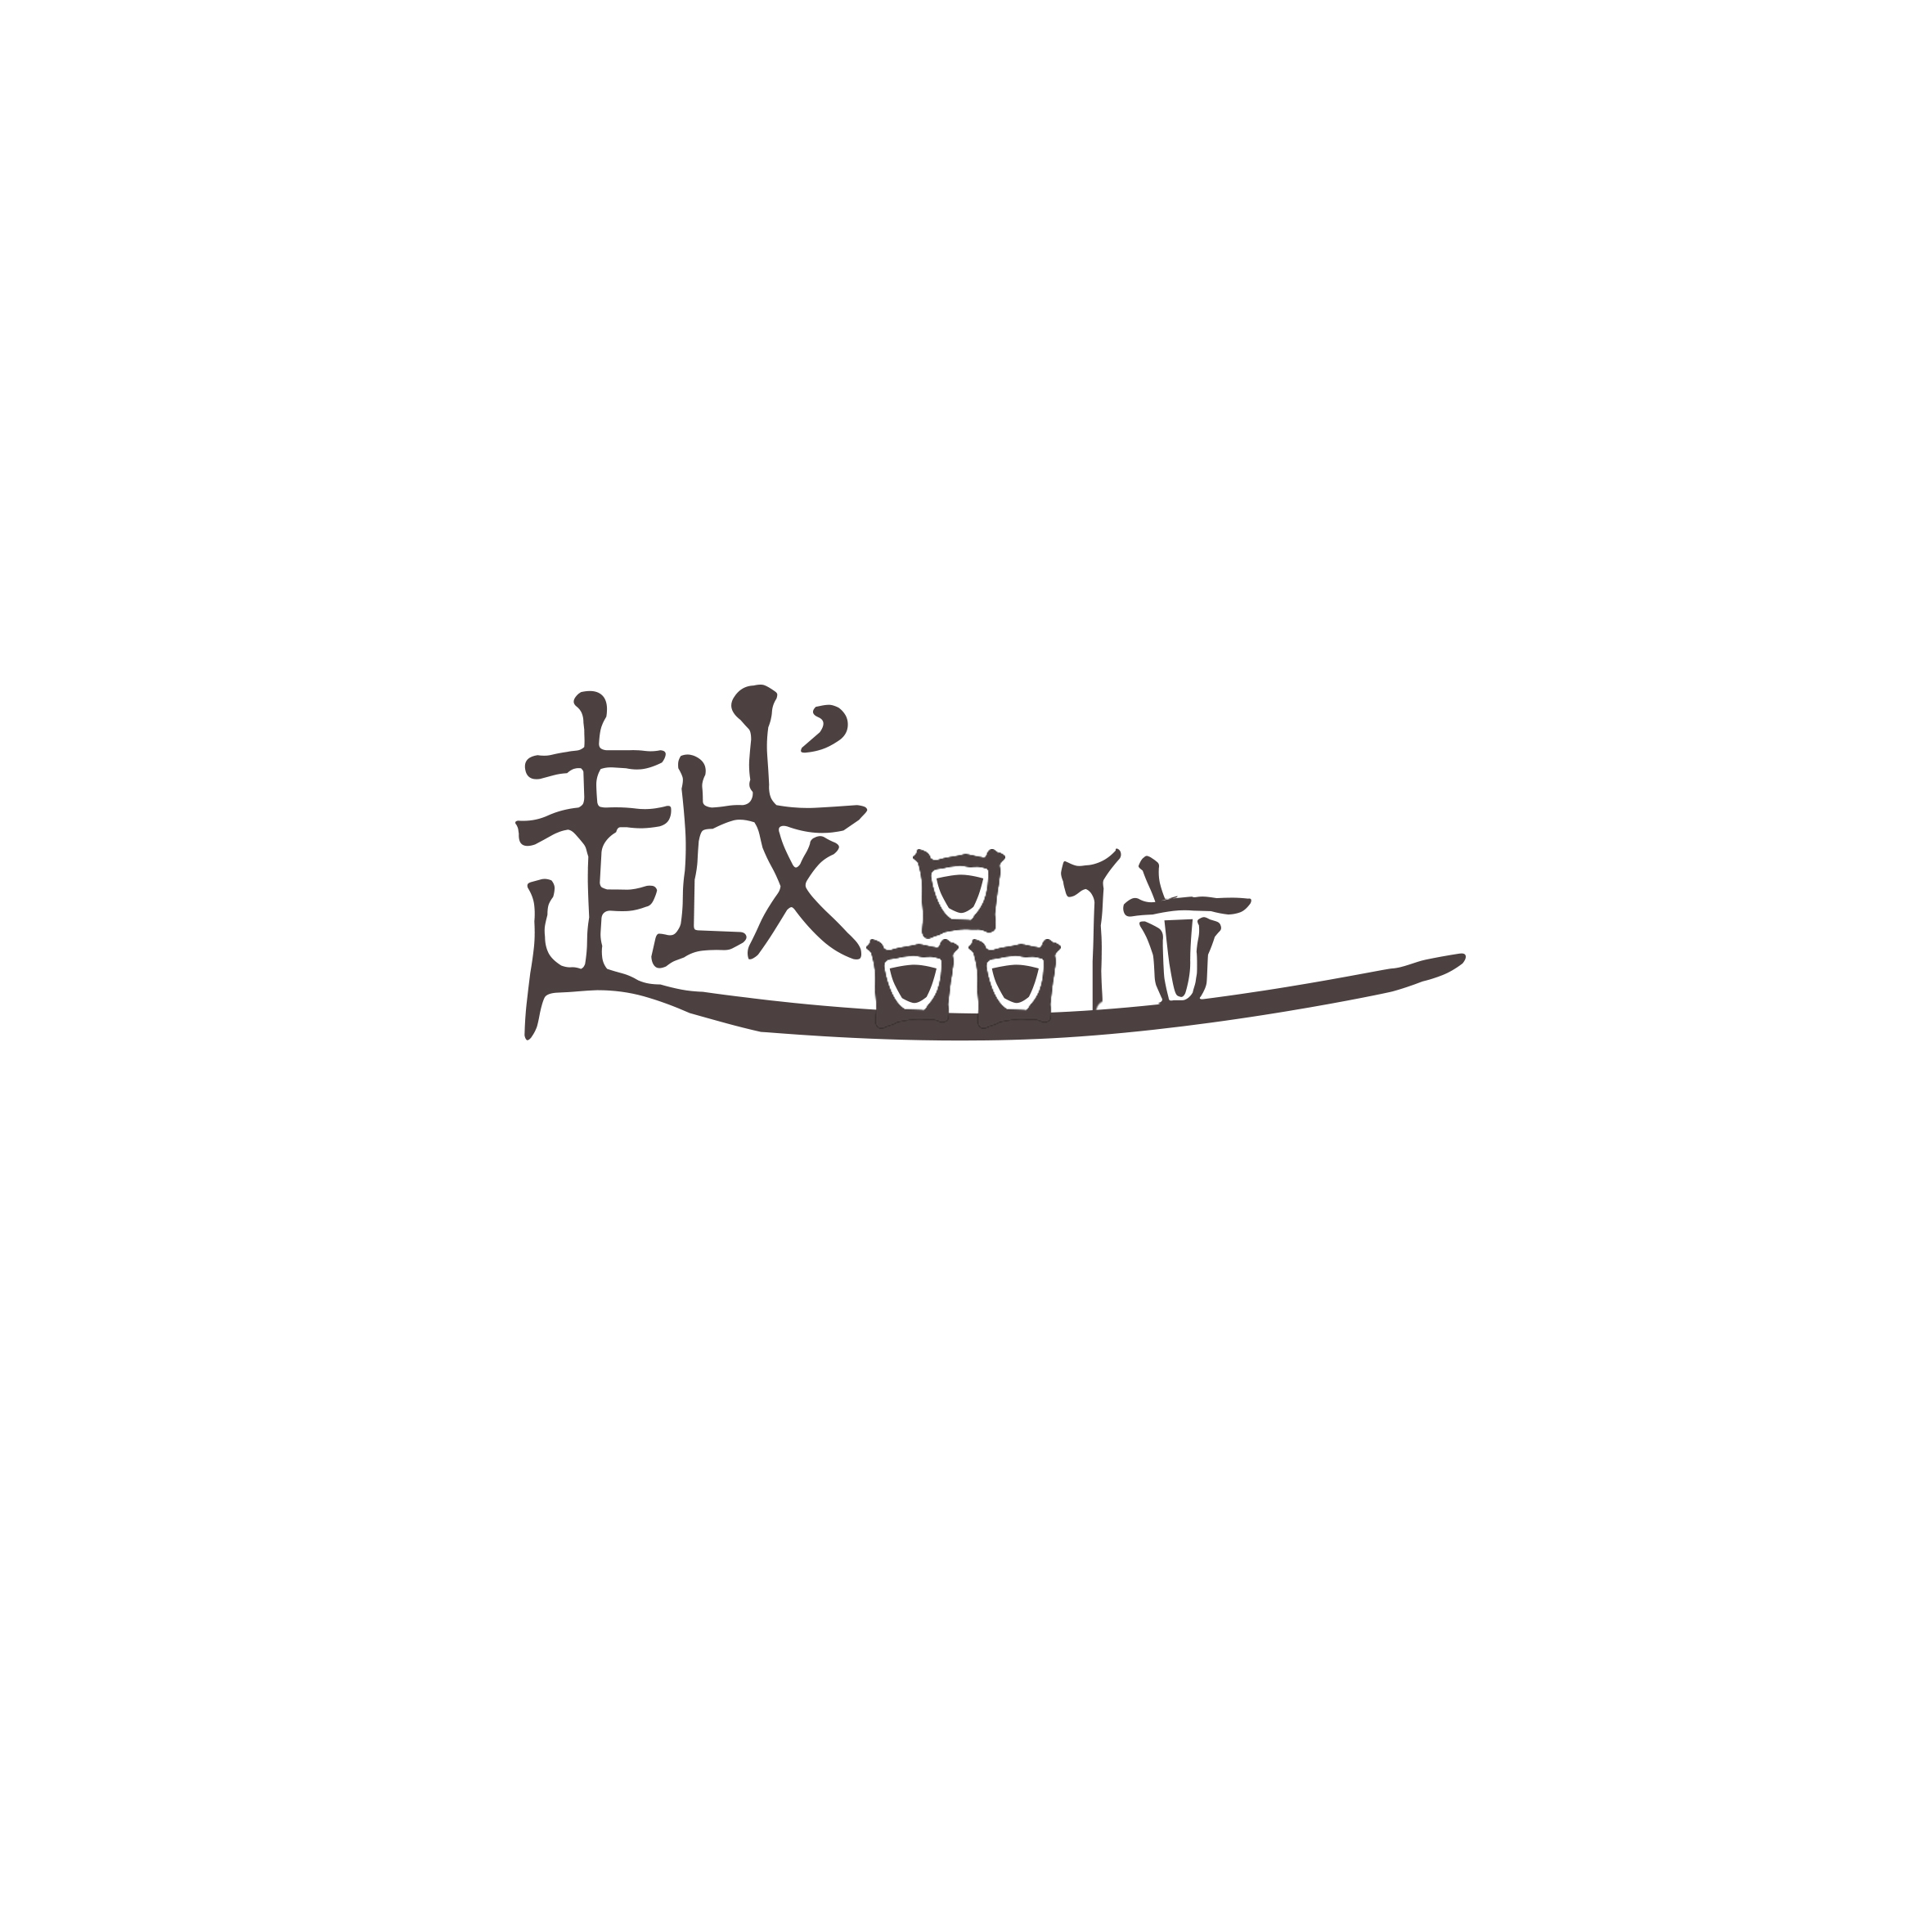 饮品字体矢量图